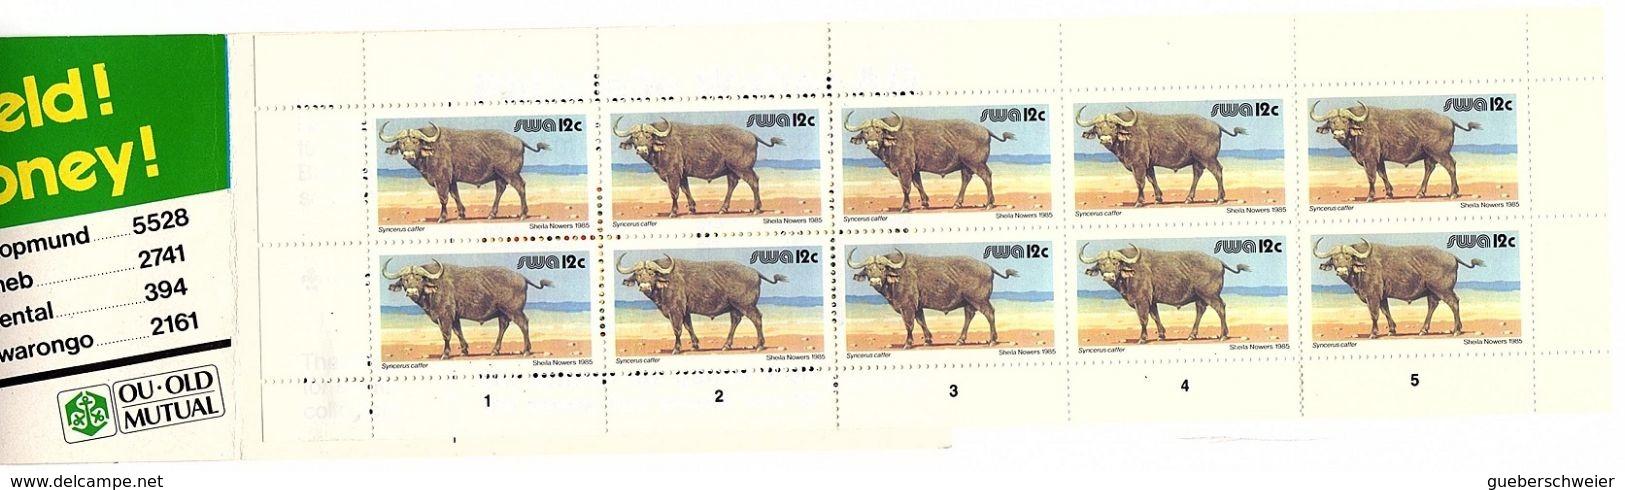 AD 4 - AFRIQUE DU SUD Carnet De 10 Timbres Bufles - Carnets